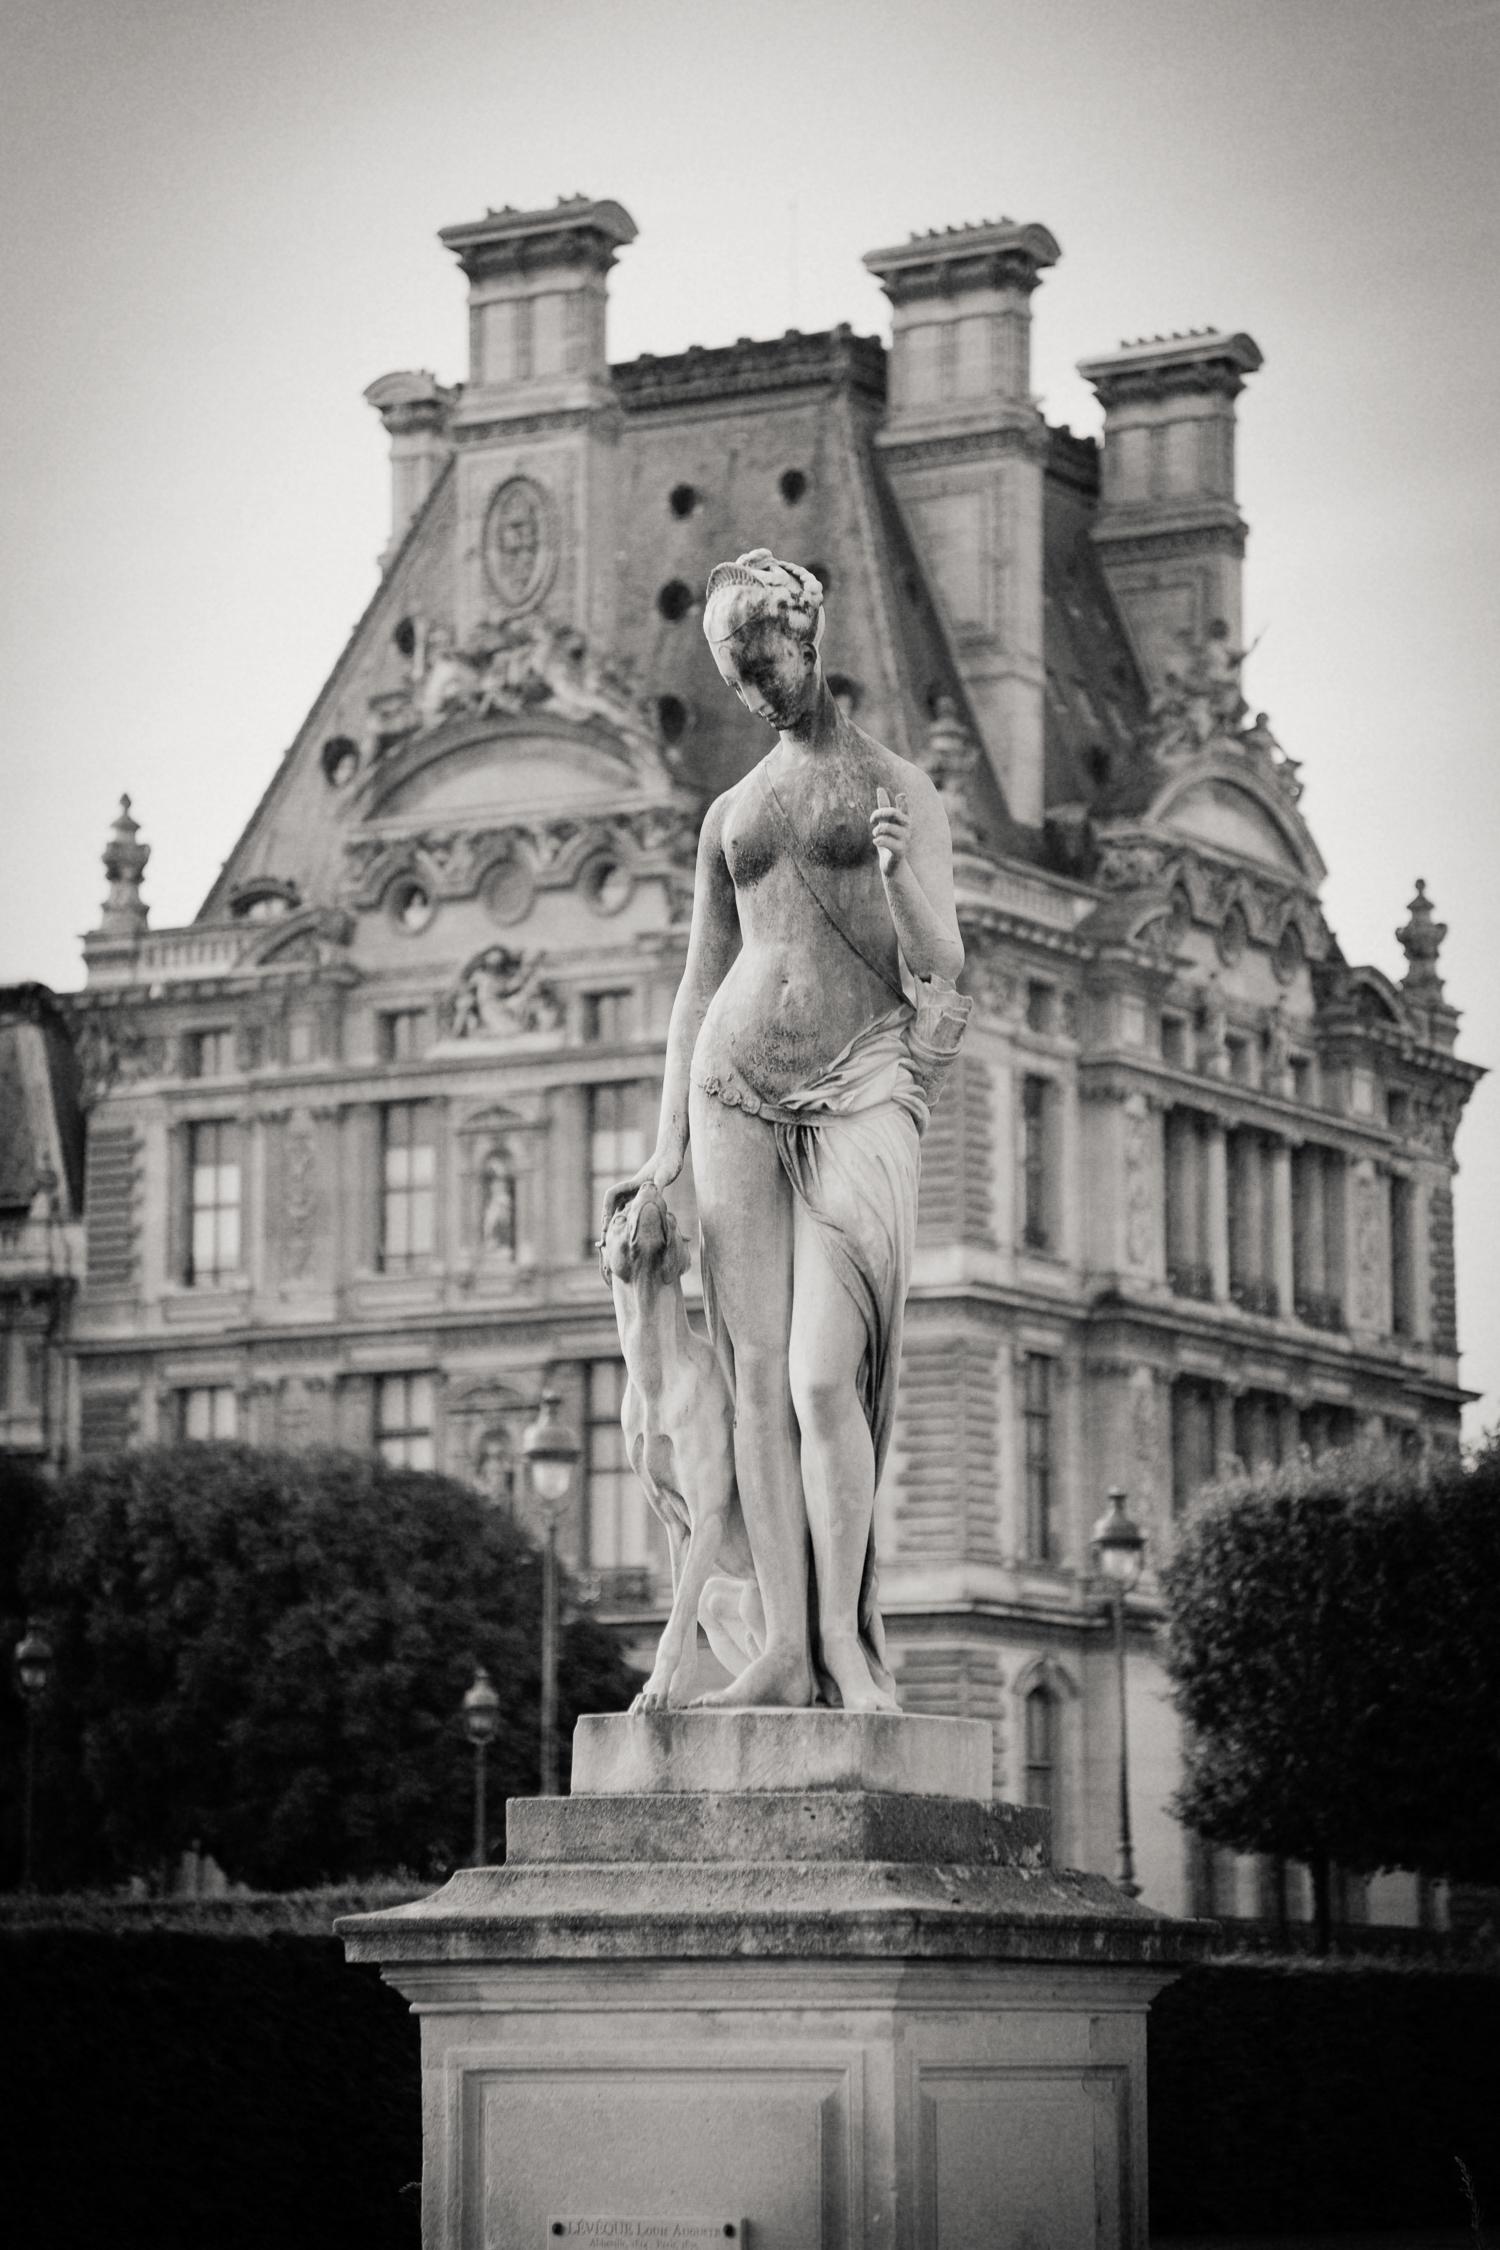 statue outside Louvre, Paris 2014.